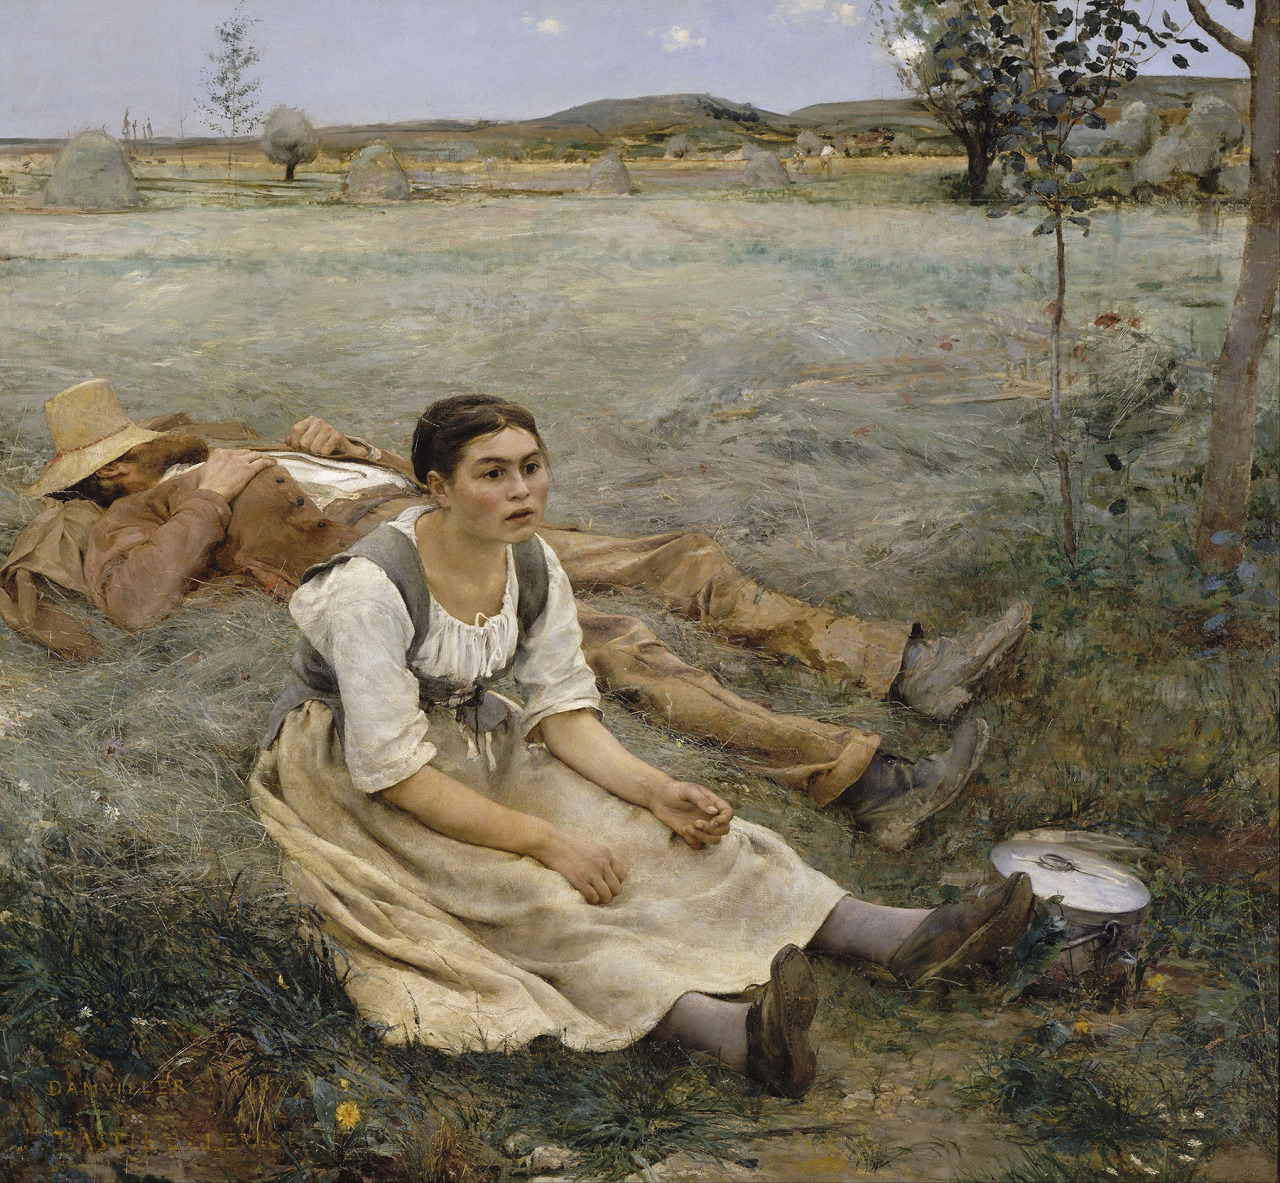 Los comedores de patatas de Vincent Van Gogh | Harte con Hache